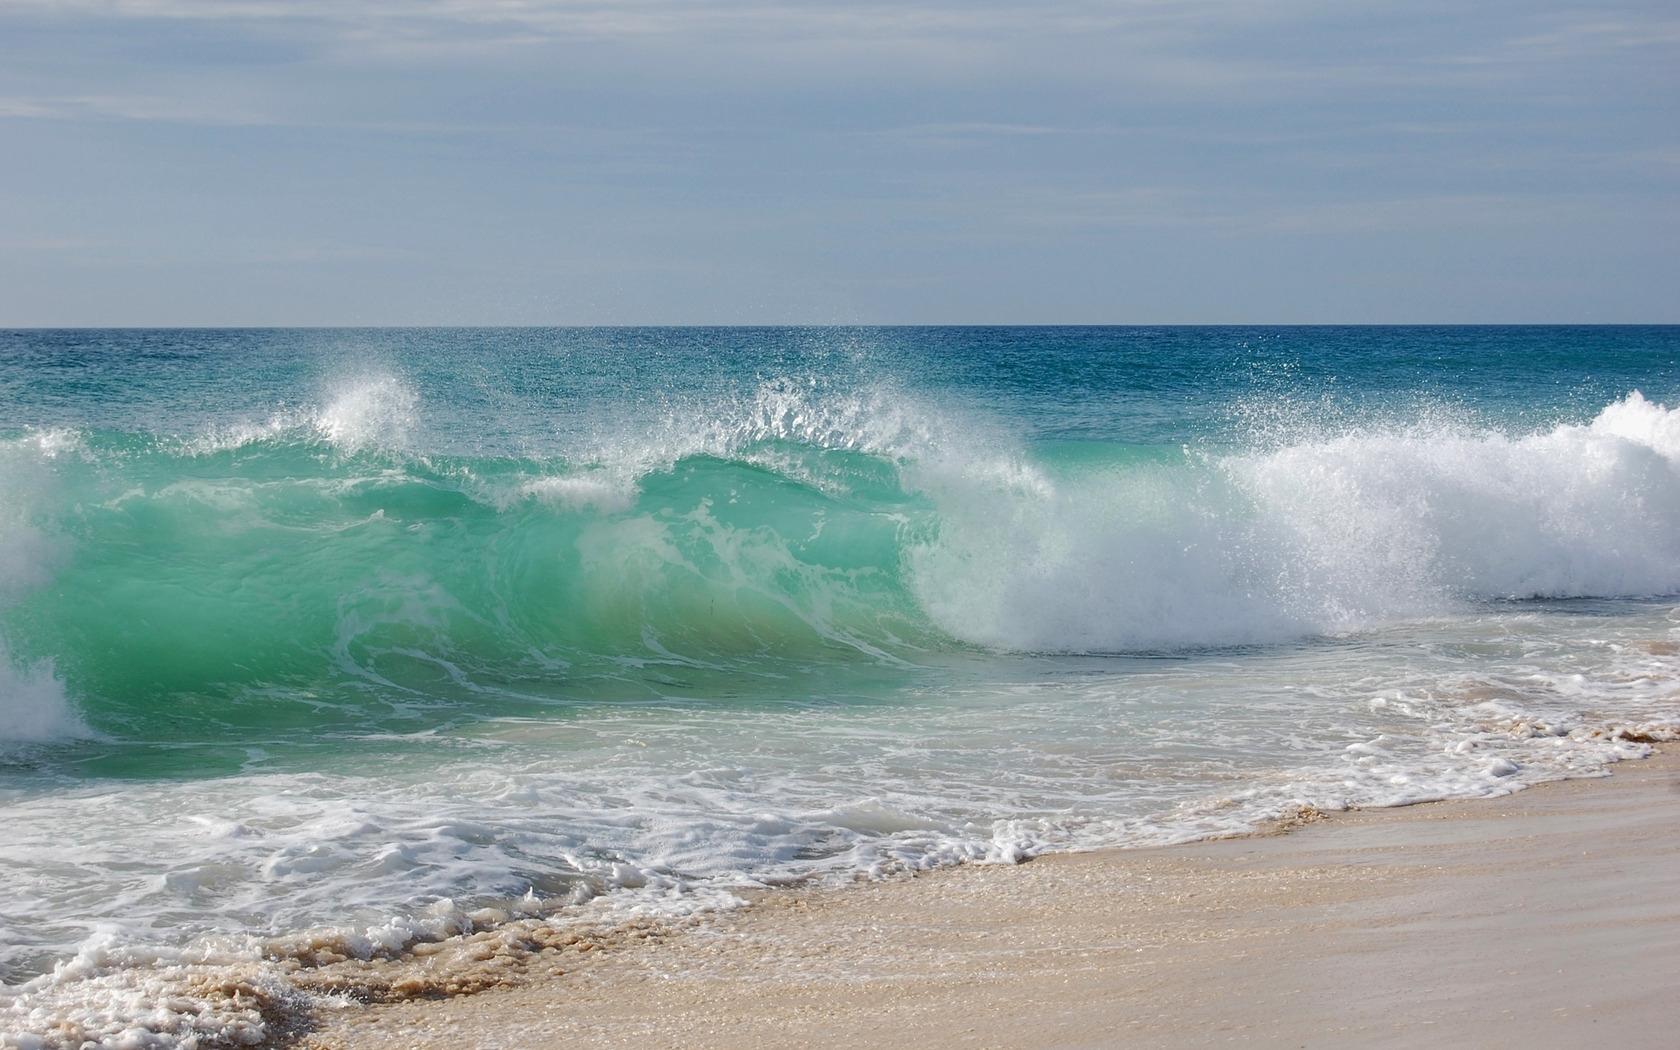 28448 скачать обои Пейзаж, Море, Волны, Пляж - заставки и картинки бесплатно